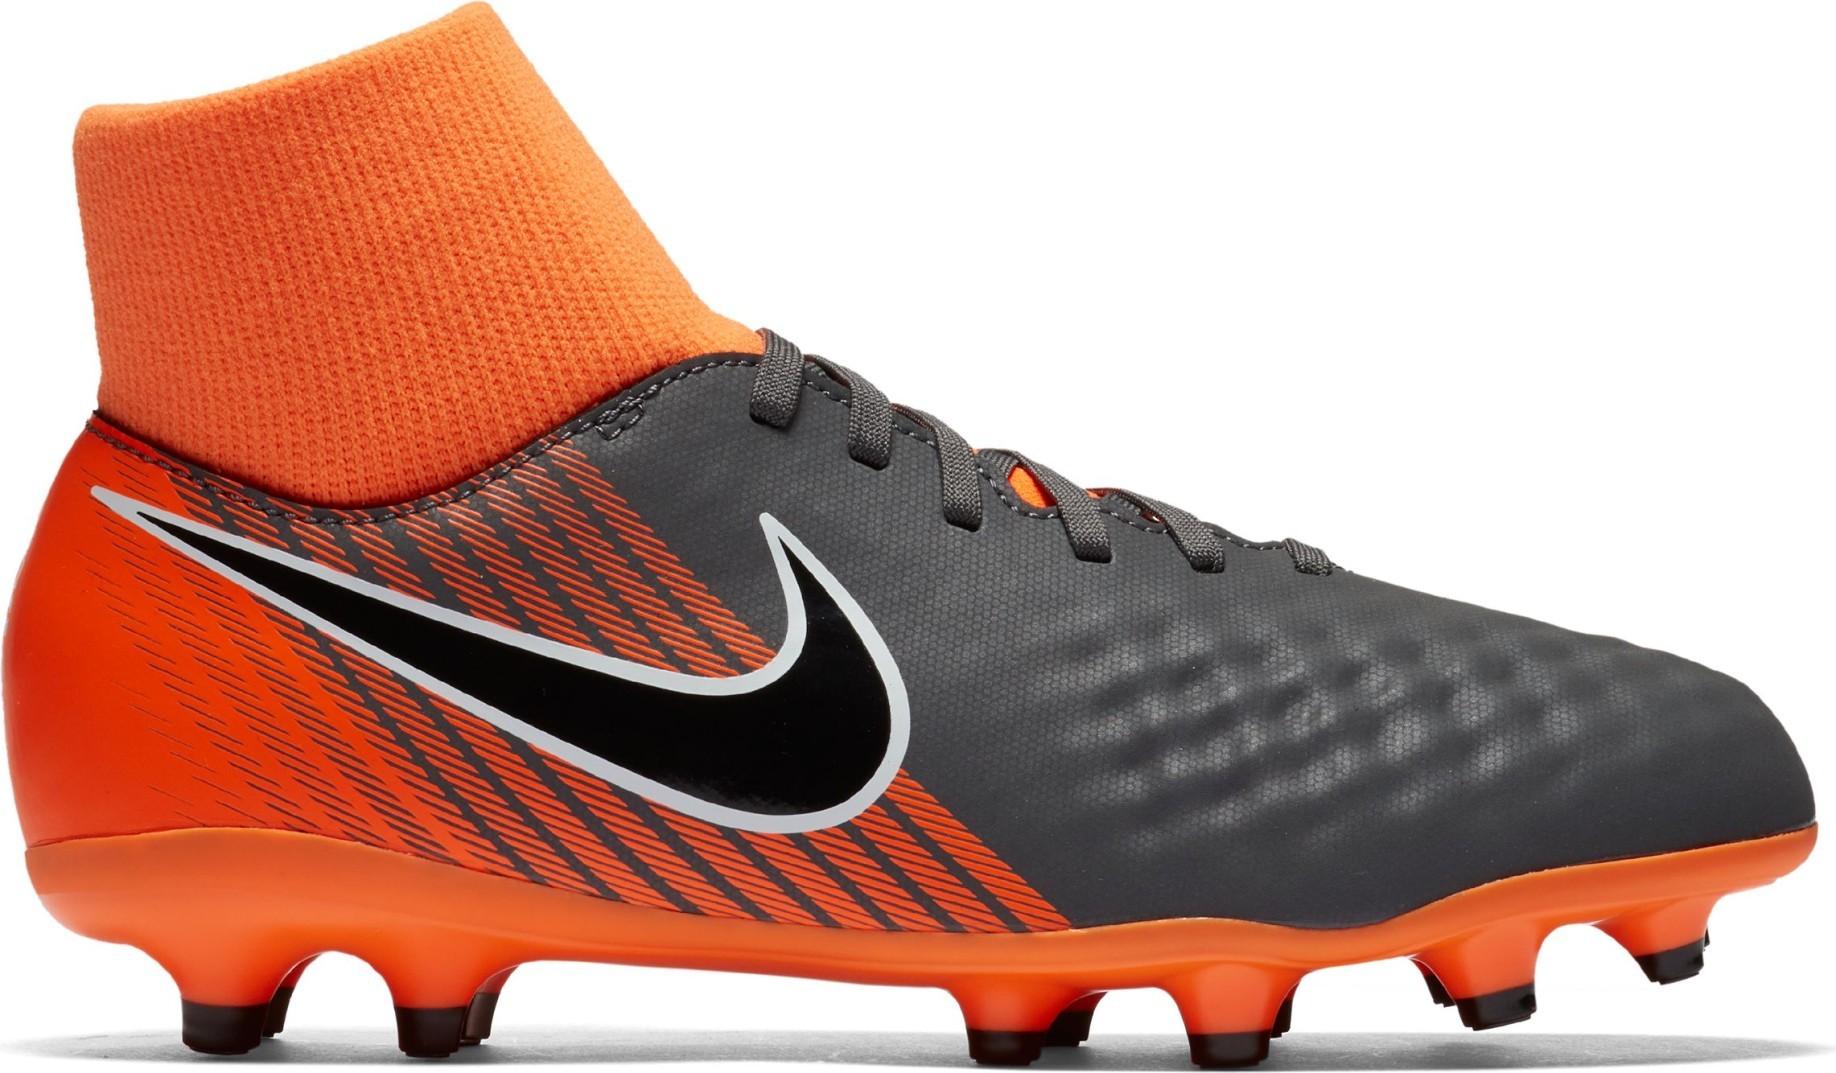 7afedd2ec Football boots Nike Magista Obra II Academy DF FG Fast AF Pack colore Grey  Orange - Nike - SportIT.com